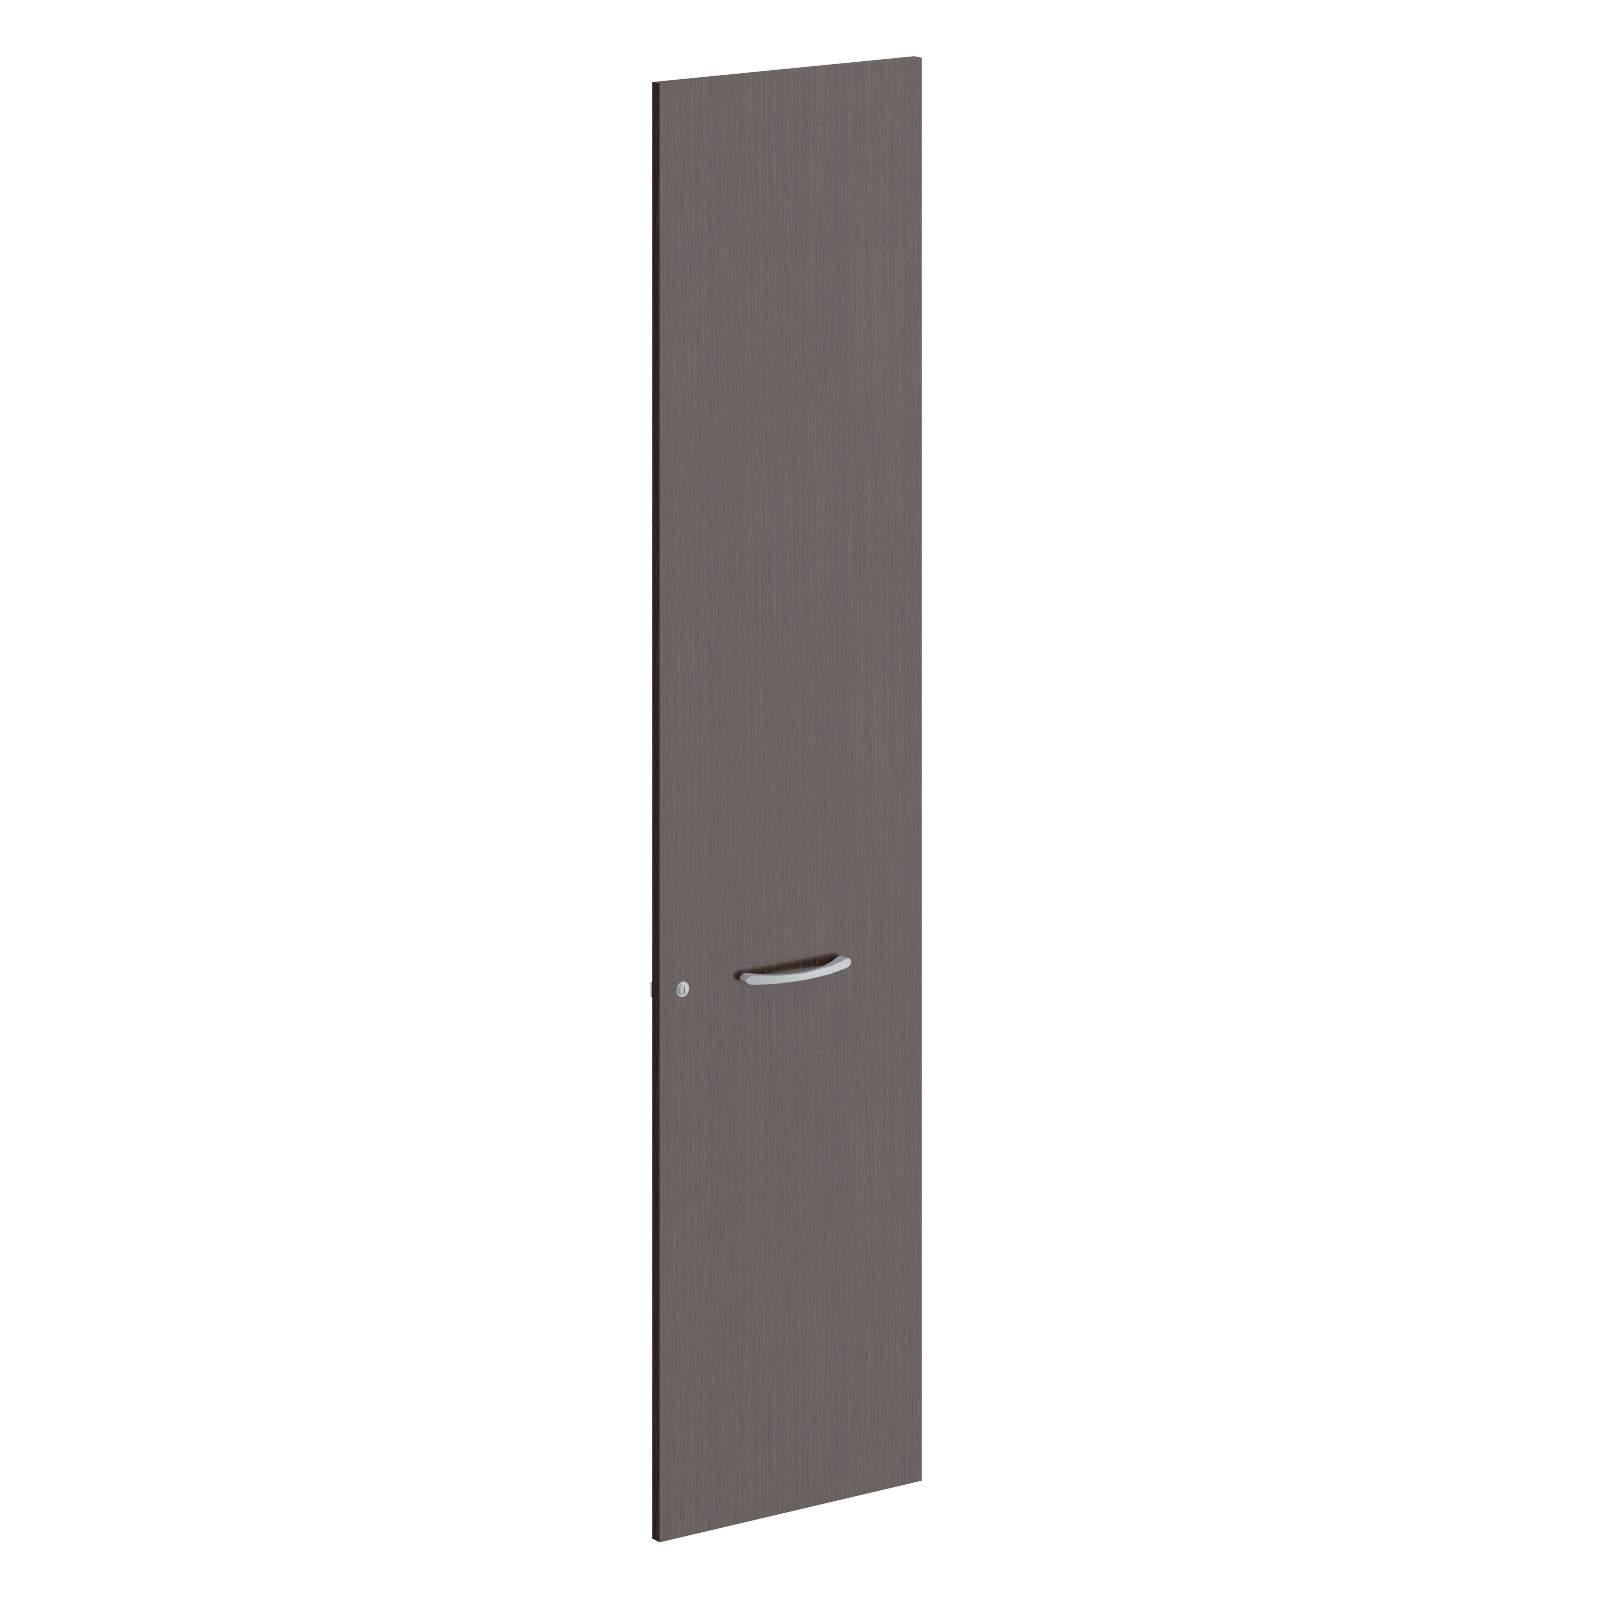 Двери шкафа высокие 422x18x1900